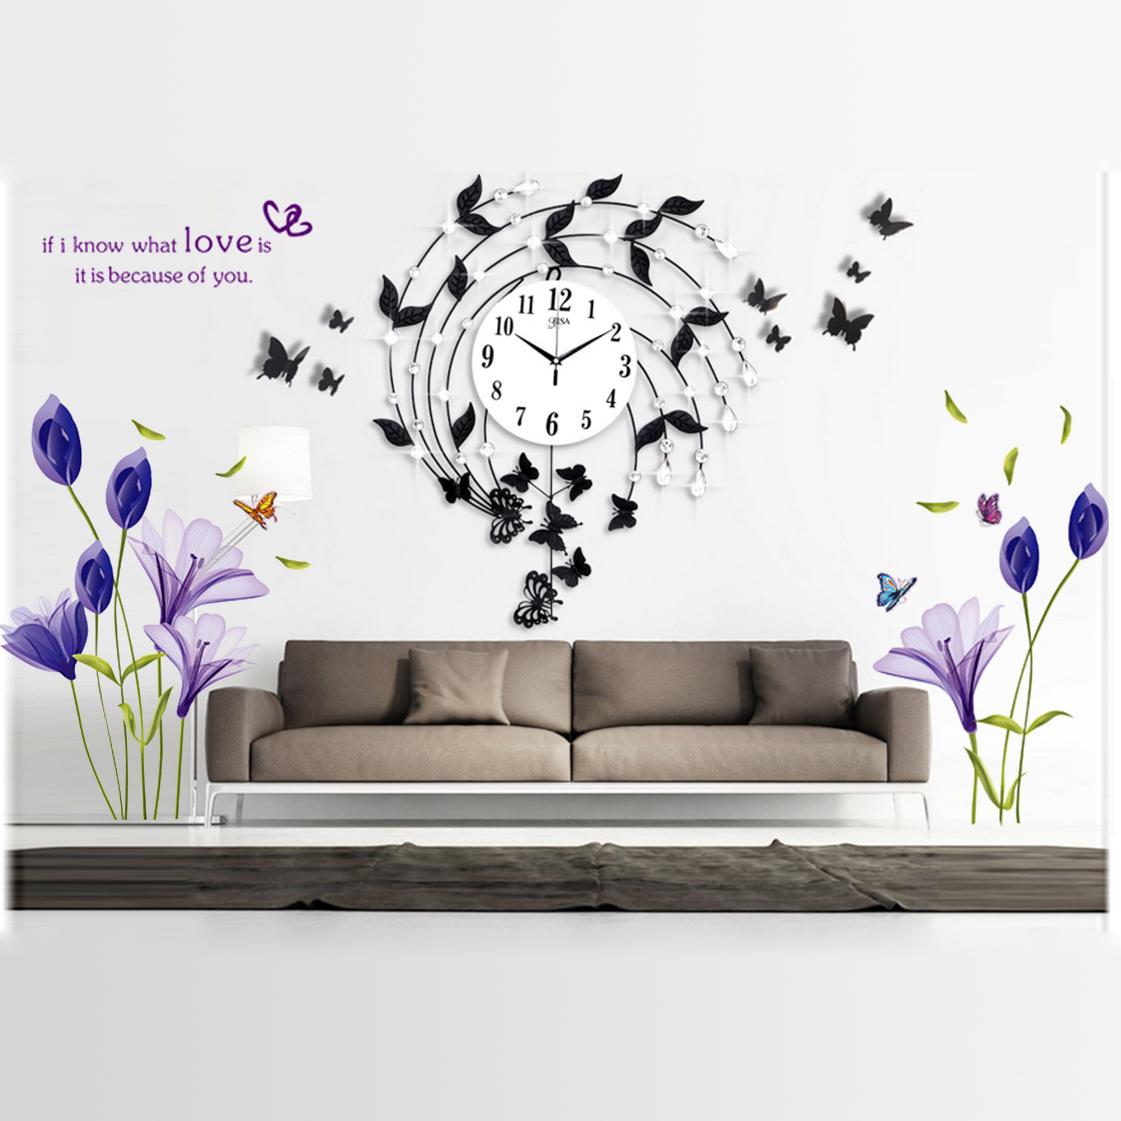 Đồng hồ treo tường họa tiết lá hoa và tặng kèm tranh dán tường tôn lên sự sáng tạo, sang trọng